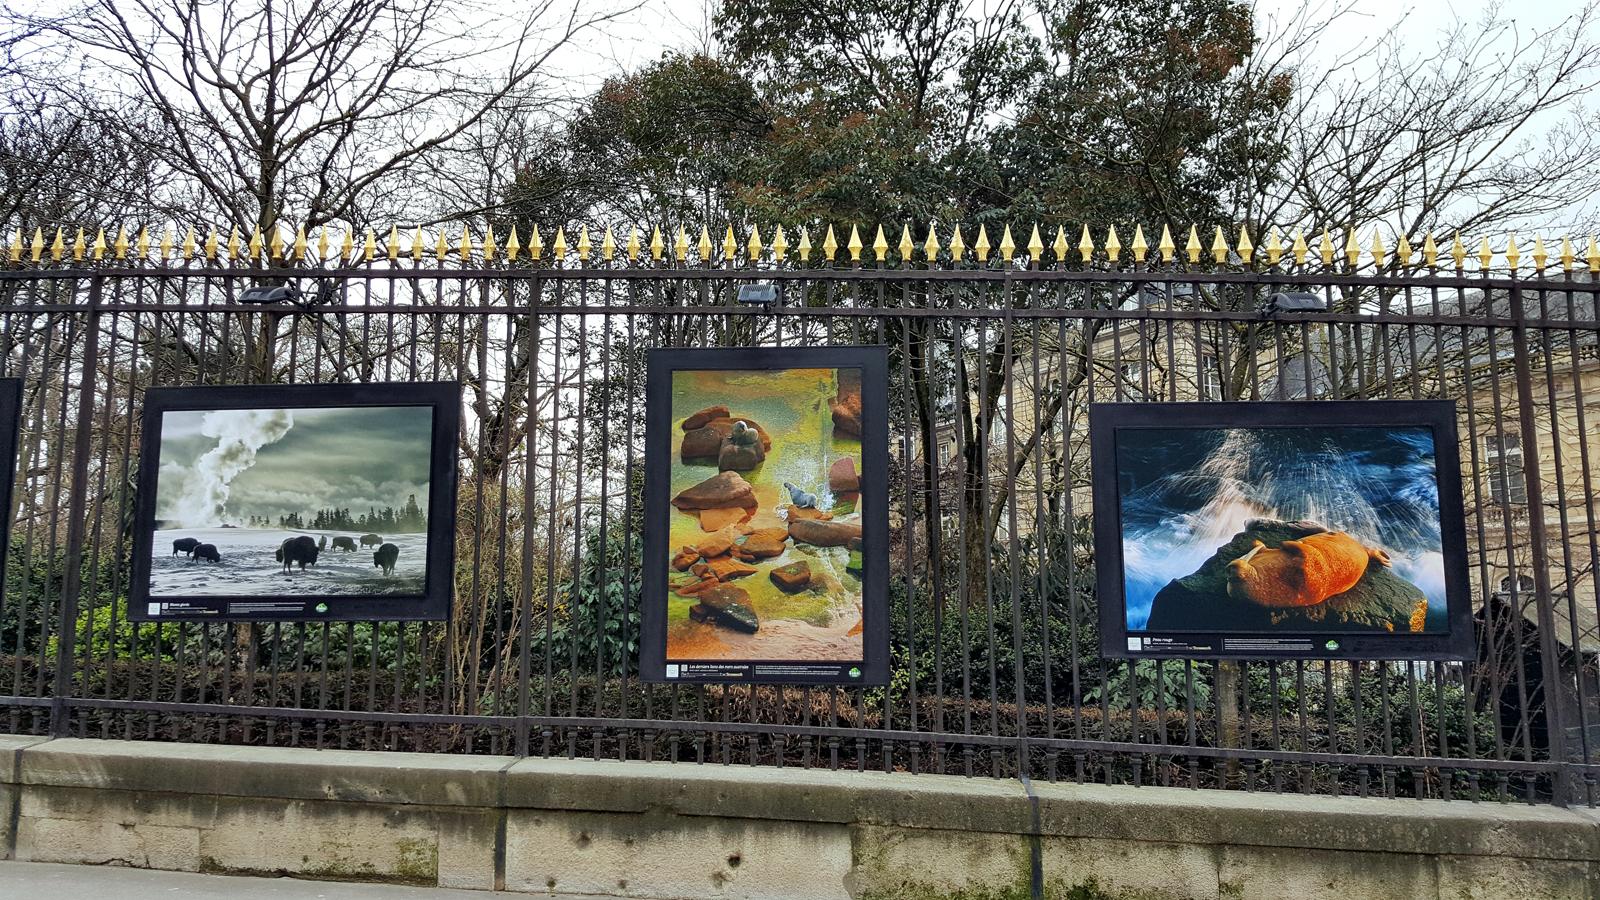 Origines jardin du luxembourg la force naturelle de la terre united states of paris - Jardin du luxembourg exposition ...